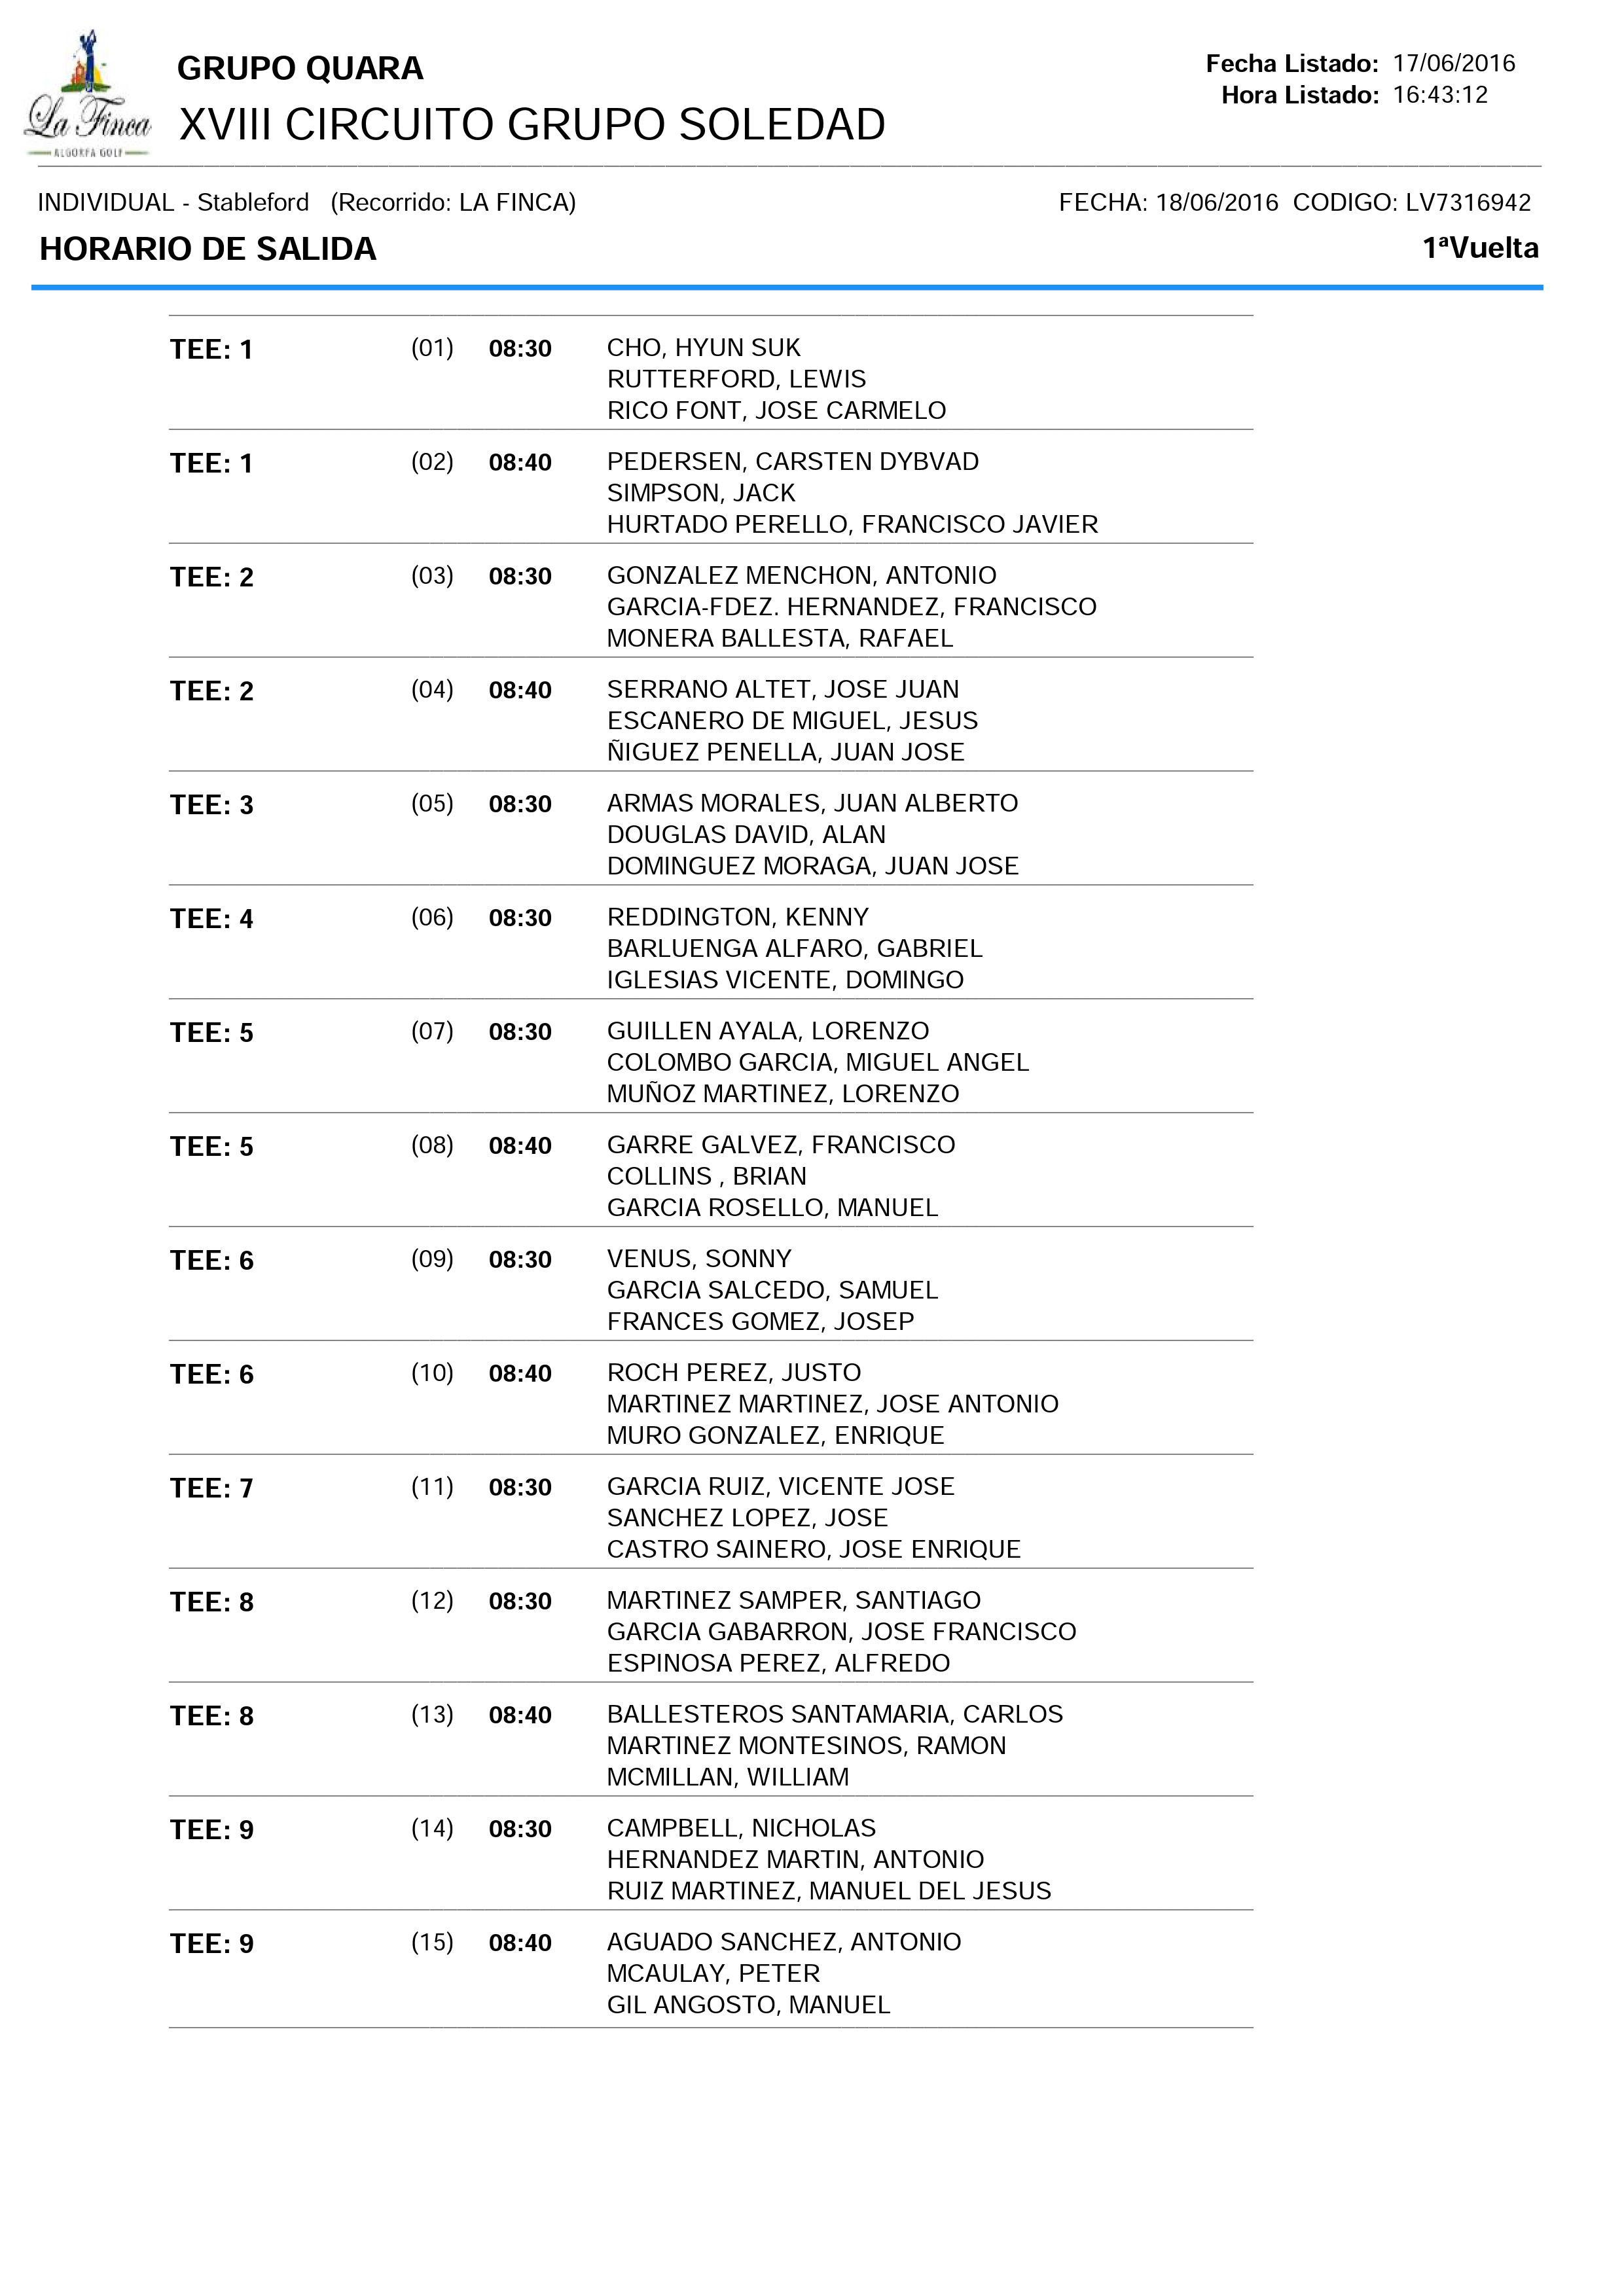 160618 FIN Horario de salidas (1)